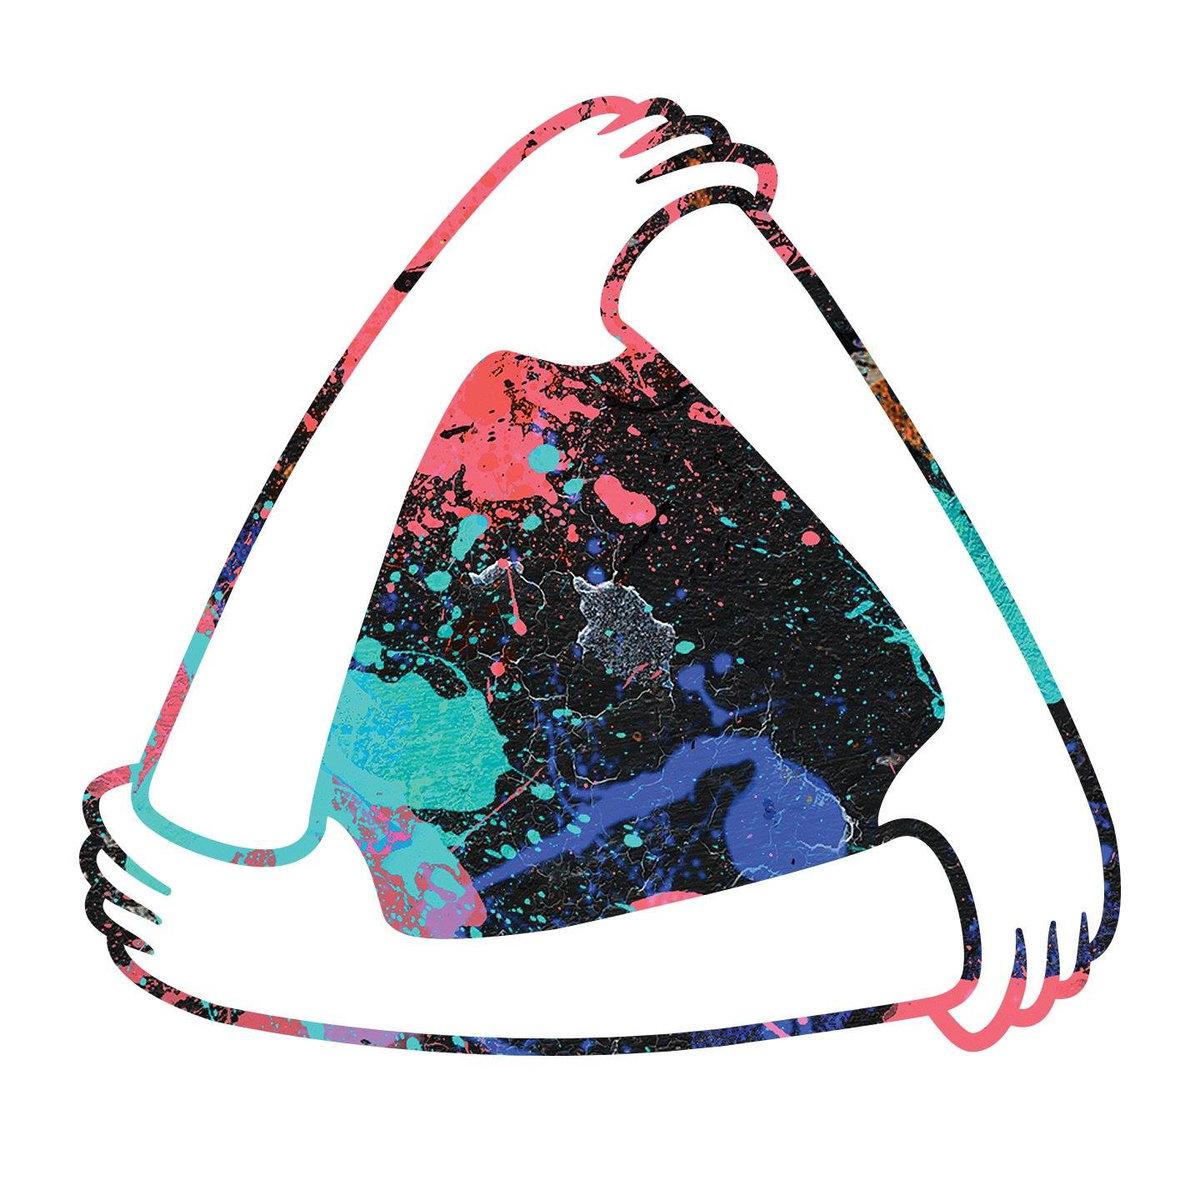 Hanna - Bounce EP